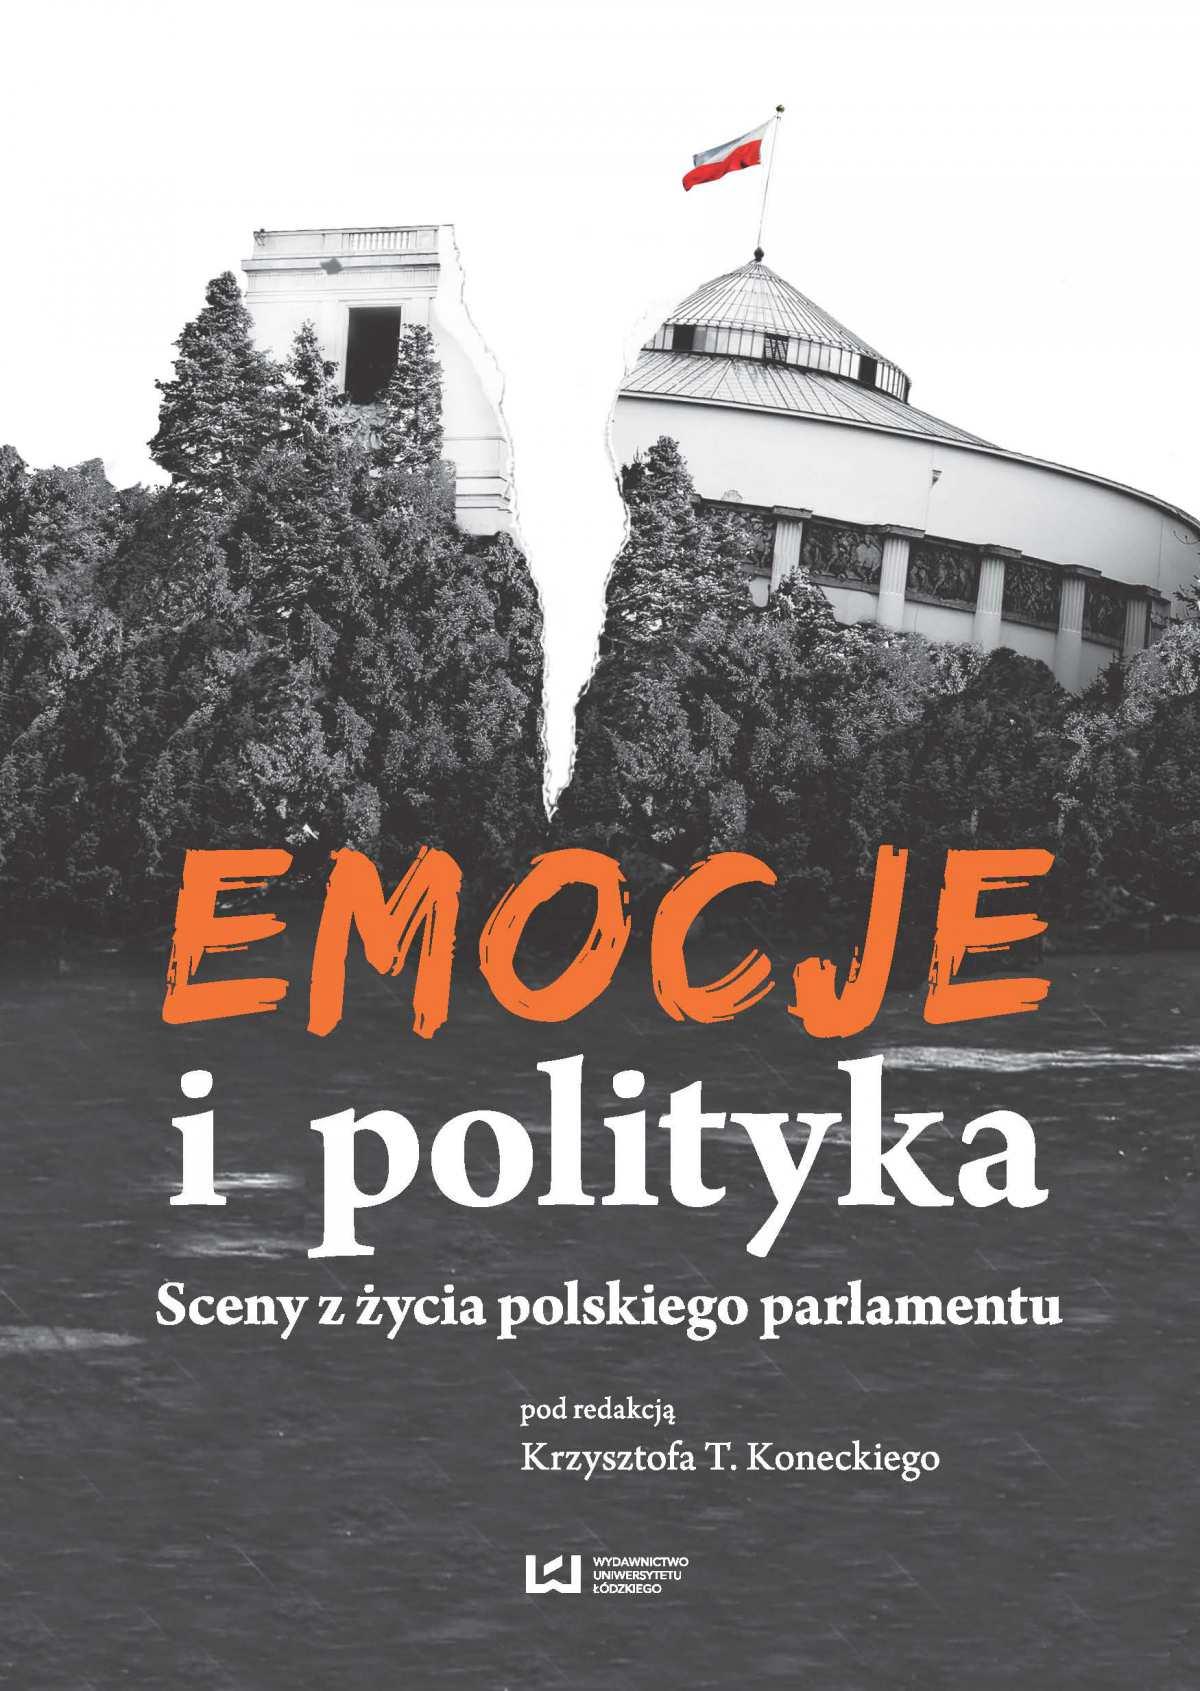 Emocje i polityka. Sceny z życia polskiego parlamentu - Ebook (Książka na Kindle) do pobrania w formacie MOBI